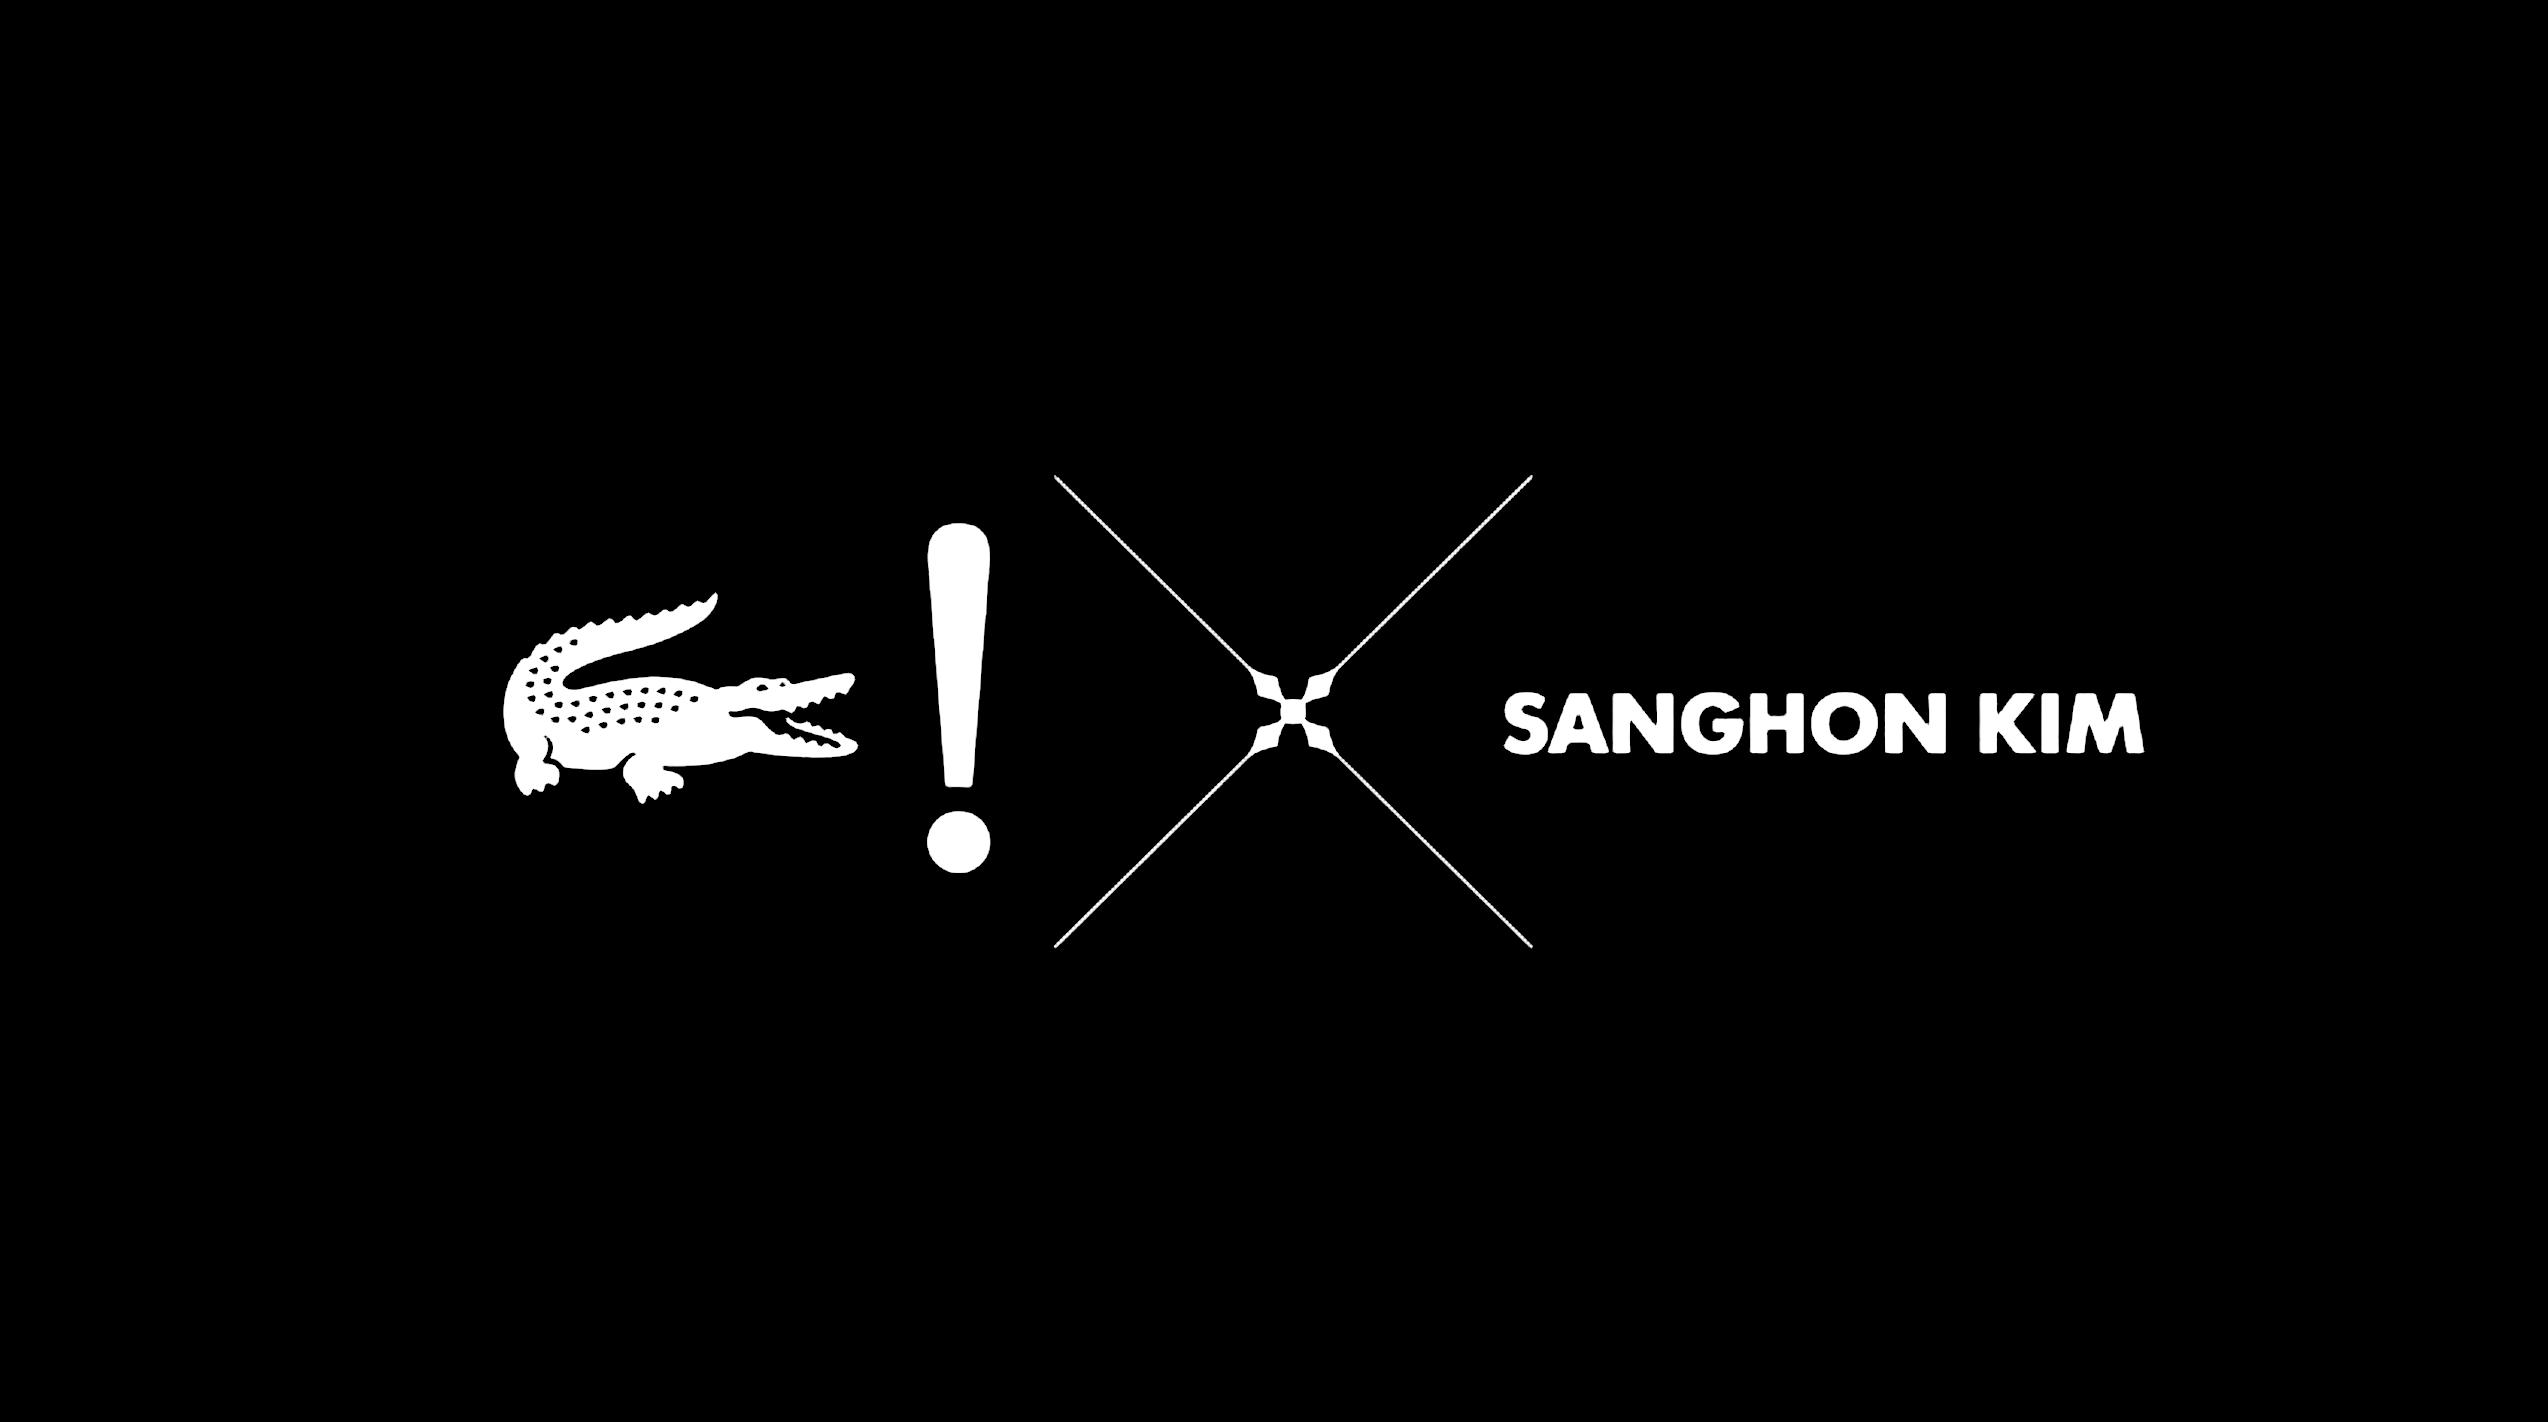 Trop Bon Trop Com - #TBTC Lacoste L!VE Fast by Sanghon Kim